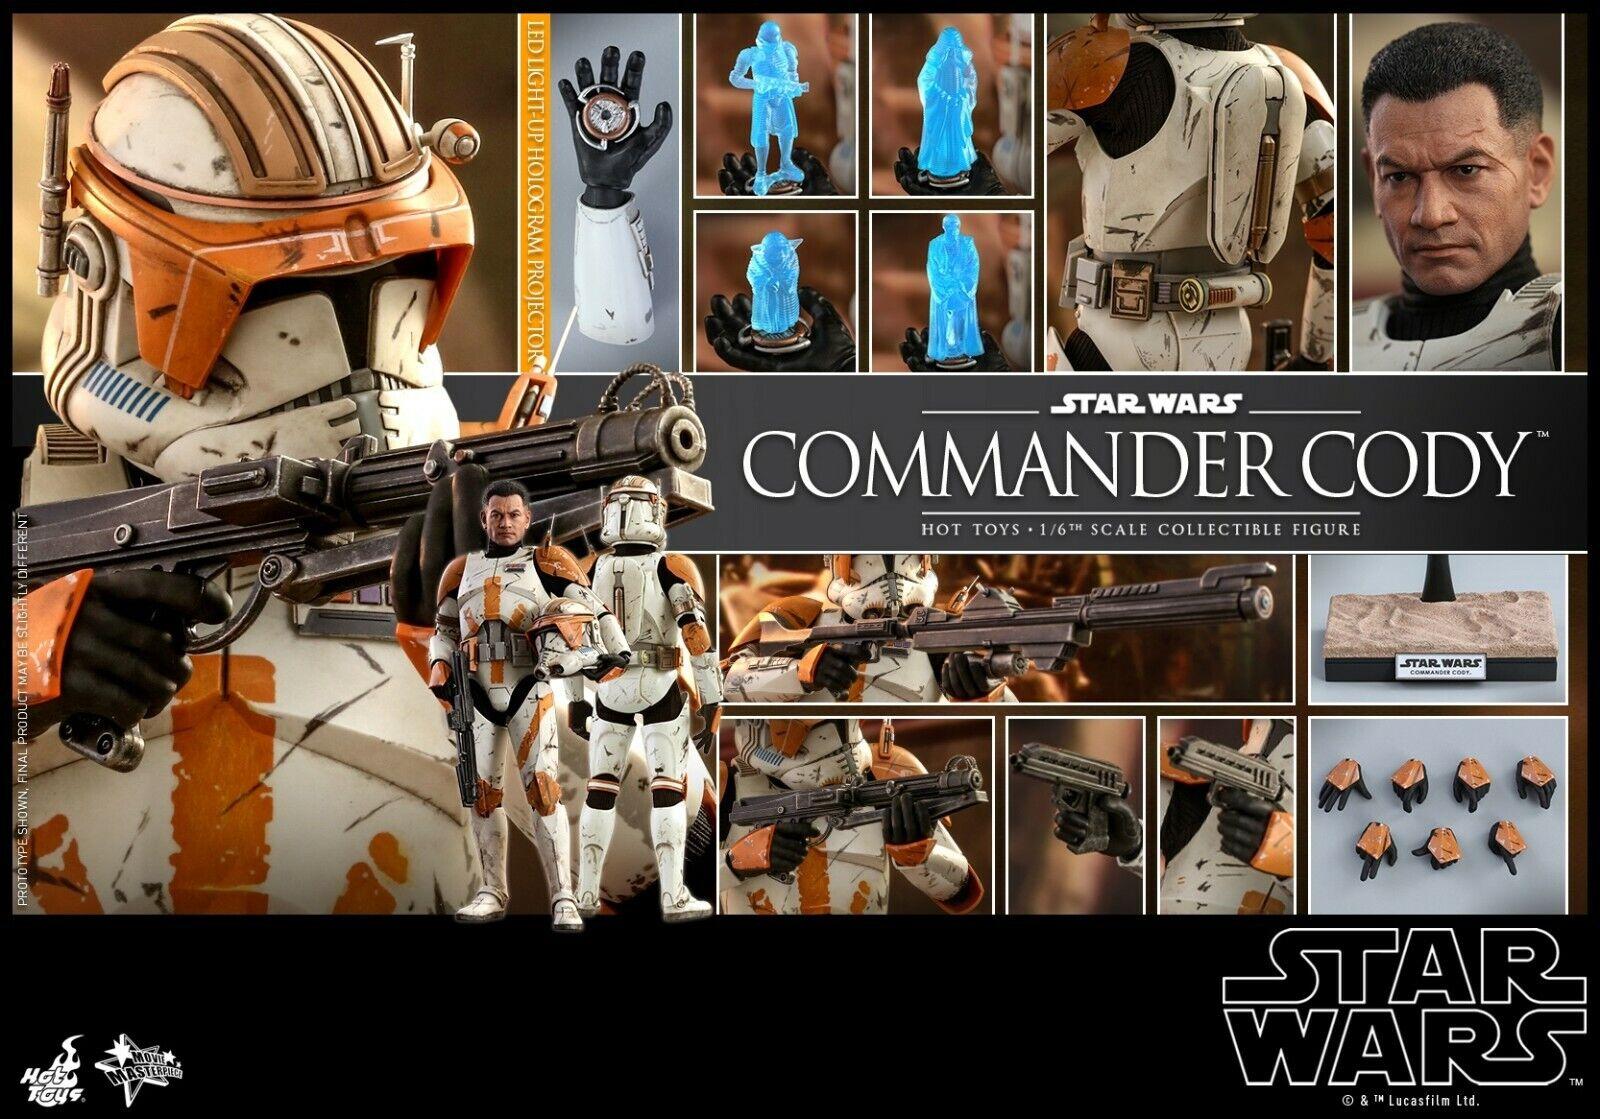 Hot Juguetes 1 6 Estrella Wars  episodio III La venganza de los Sith Comandante Cody 12  figura